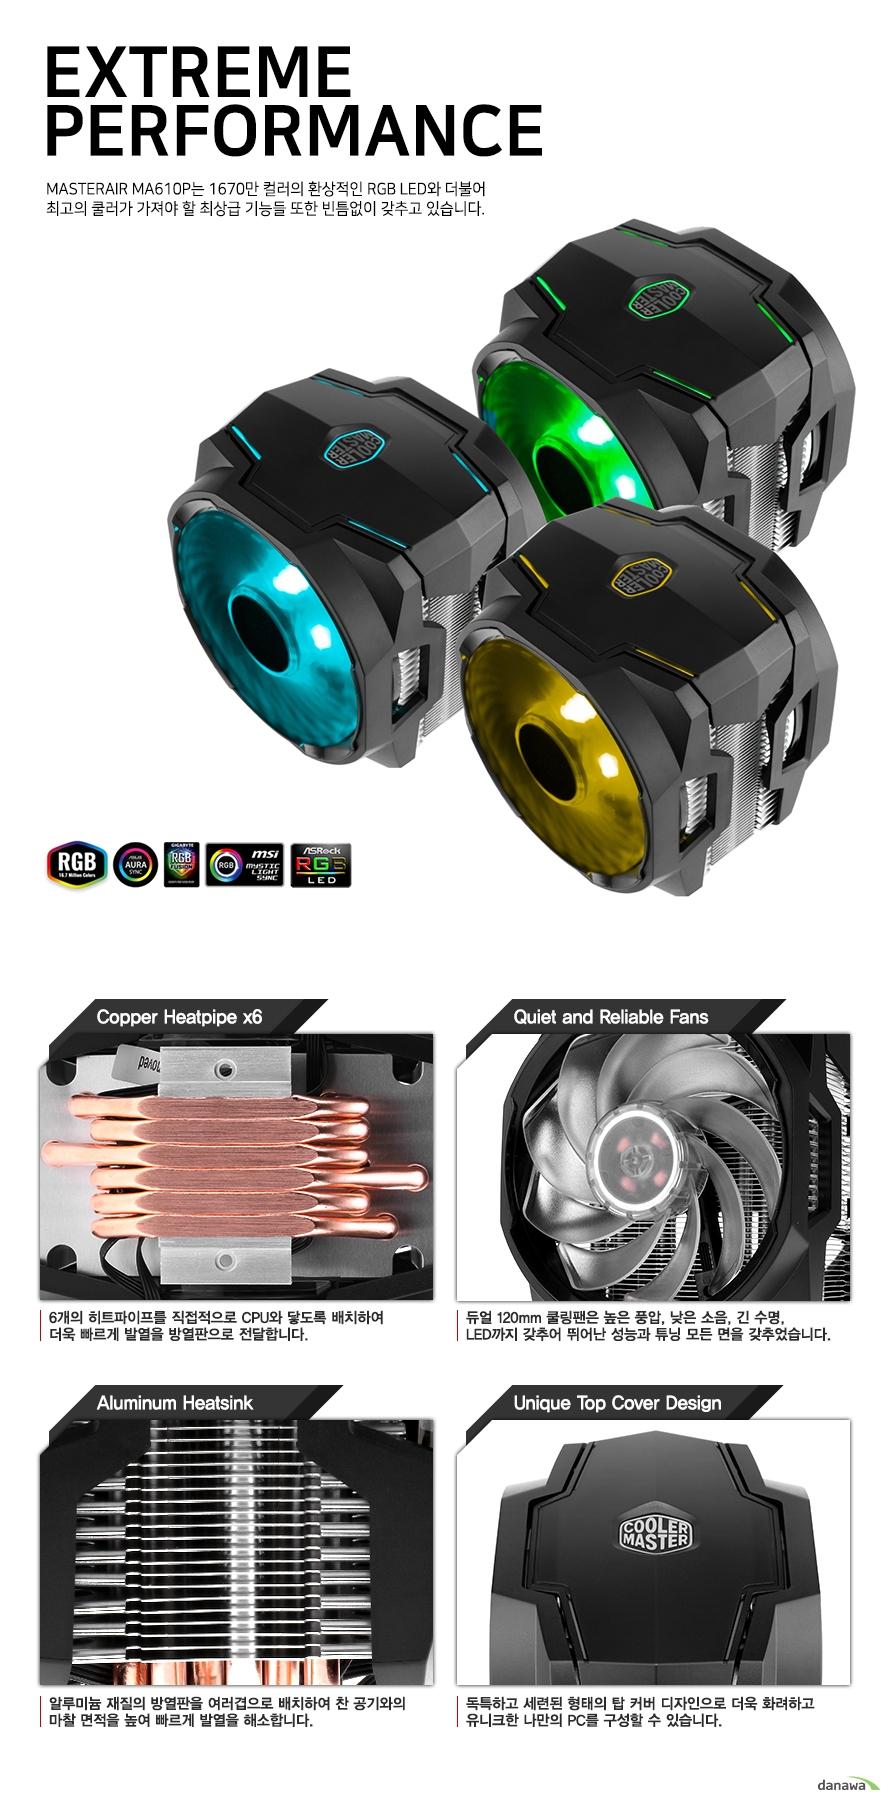 놀라울 정도로 다양한 수많은 색상과 효과        마스터팬 120 에어 밸런스 rgb 및 유선 rgb 컨트롤러를 사용하여     1670만가지의 컬러 옵션을 지원합니다. 놀라울 정도로 다양한 색상과 효과를 경험하세요.        4개의 히트파이프를 직접적으로 cpu와 닿도록 배치하여 더욱 빠르게 발열을 방열판으로 전달합니다.        싱글 120밀리미터 쿨링팬은 높은 풍압과 낮은 소음 그리고 긴 수명과 led까지 갖추어    뛰어난 성능과 튜닝 모든 면을 갖추었습니다.        알루미늄 재질의 방열판을 여러겹으로 배치하여 찬 공기와의 마찰 면적을 높여    빠르게 발열을 해소합니다.        120밀리미터 크기의 쿨링팬을 사용할 수 있도록 제공되는 브라켓은 손쉽게 탈부착이 가능합니다.